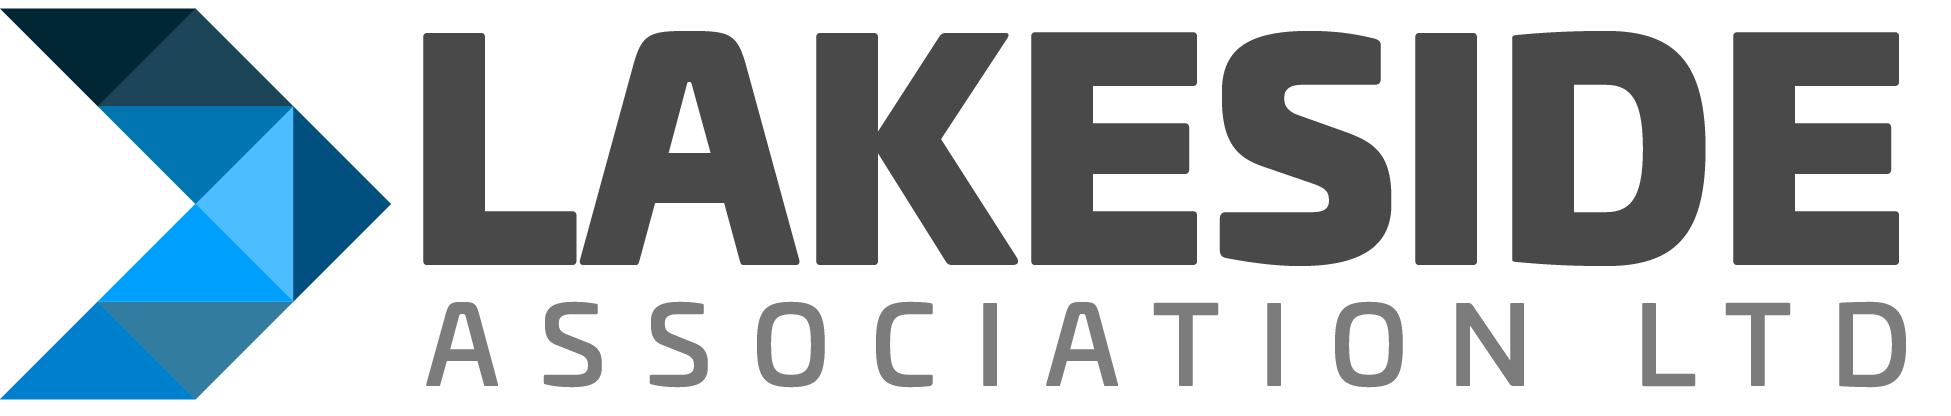 Lakeside Association